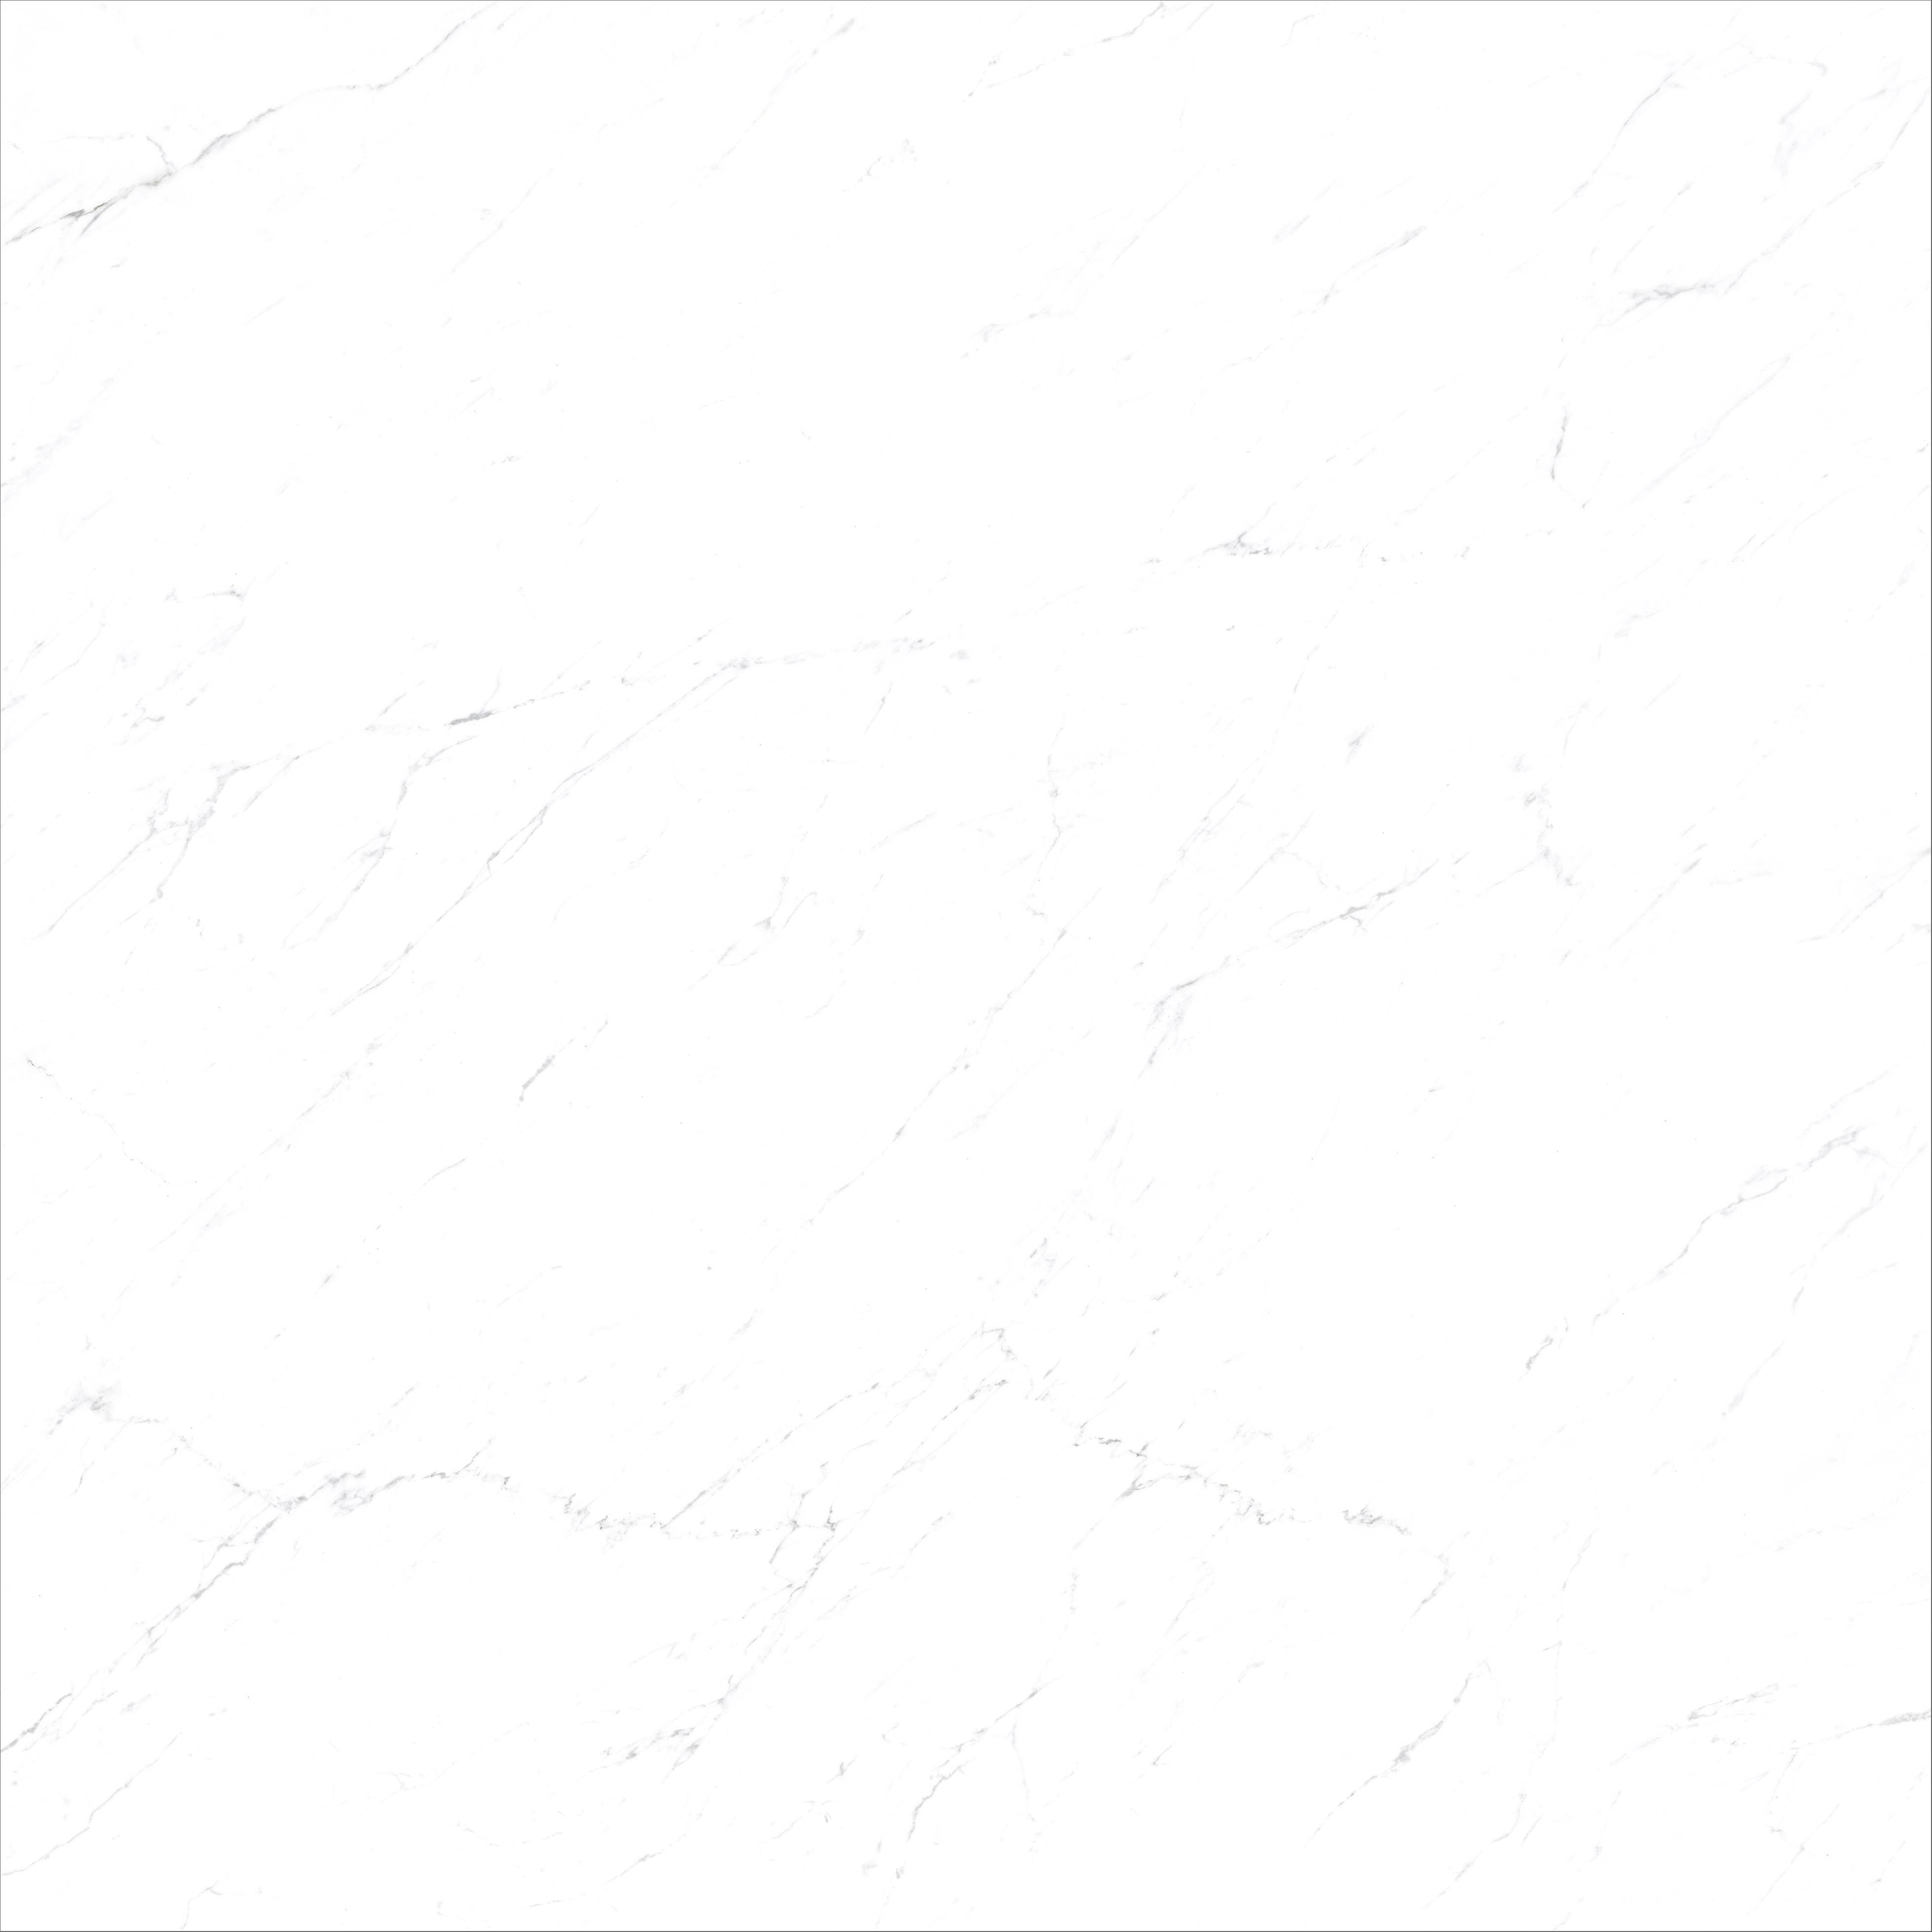 0097434, Archimarble, Valkoinen, lattia,pakkasenkesto